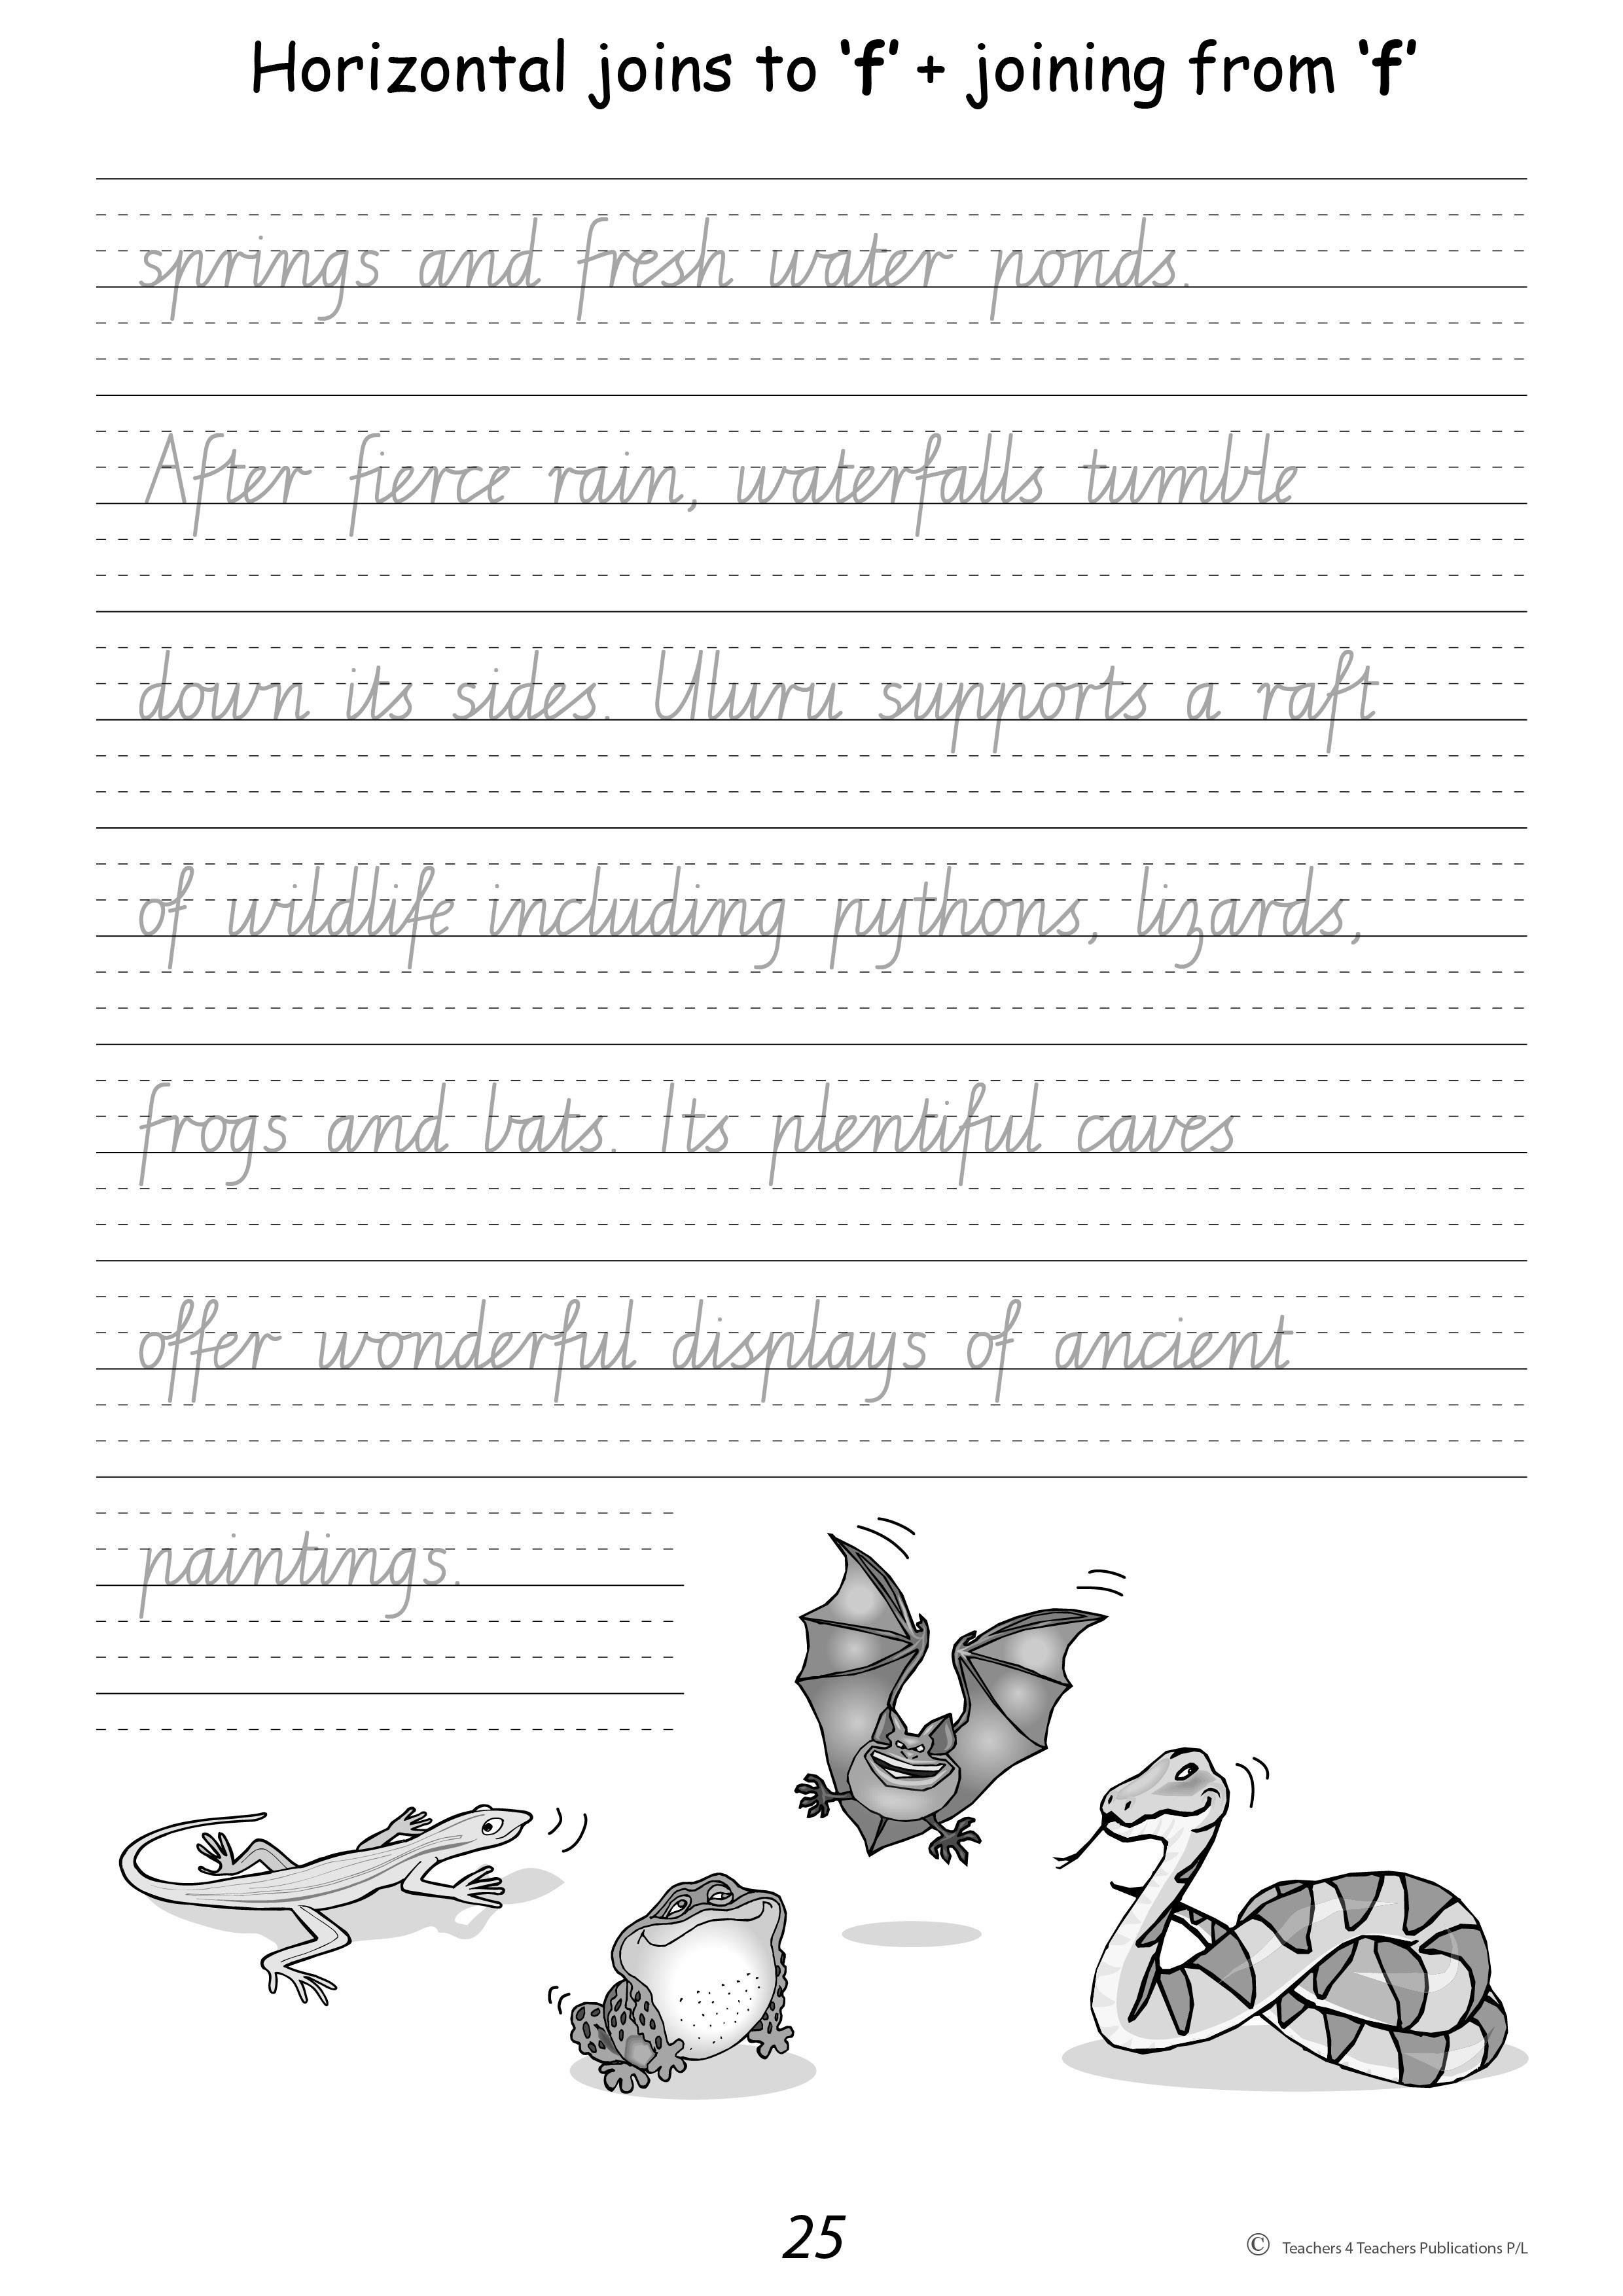 NAPLAN – writing test